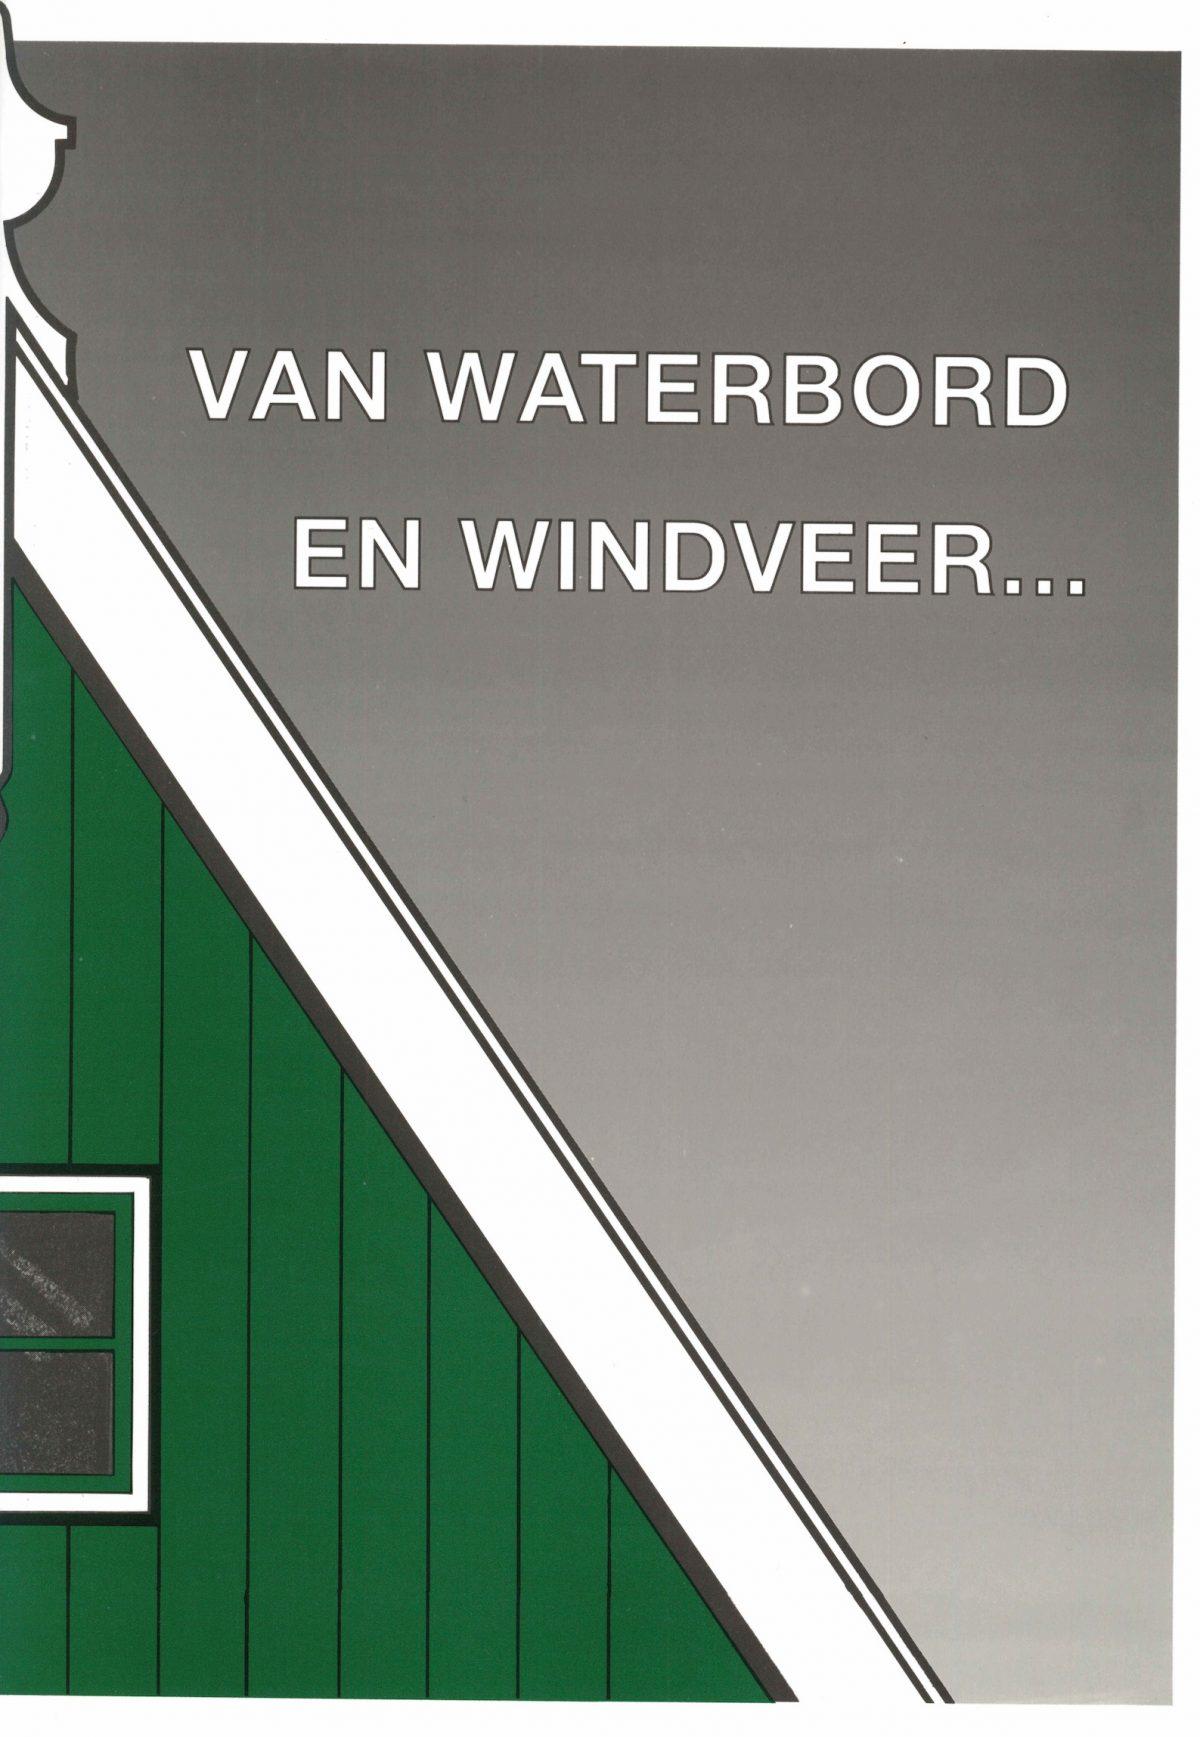 Van waterbord en windveer